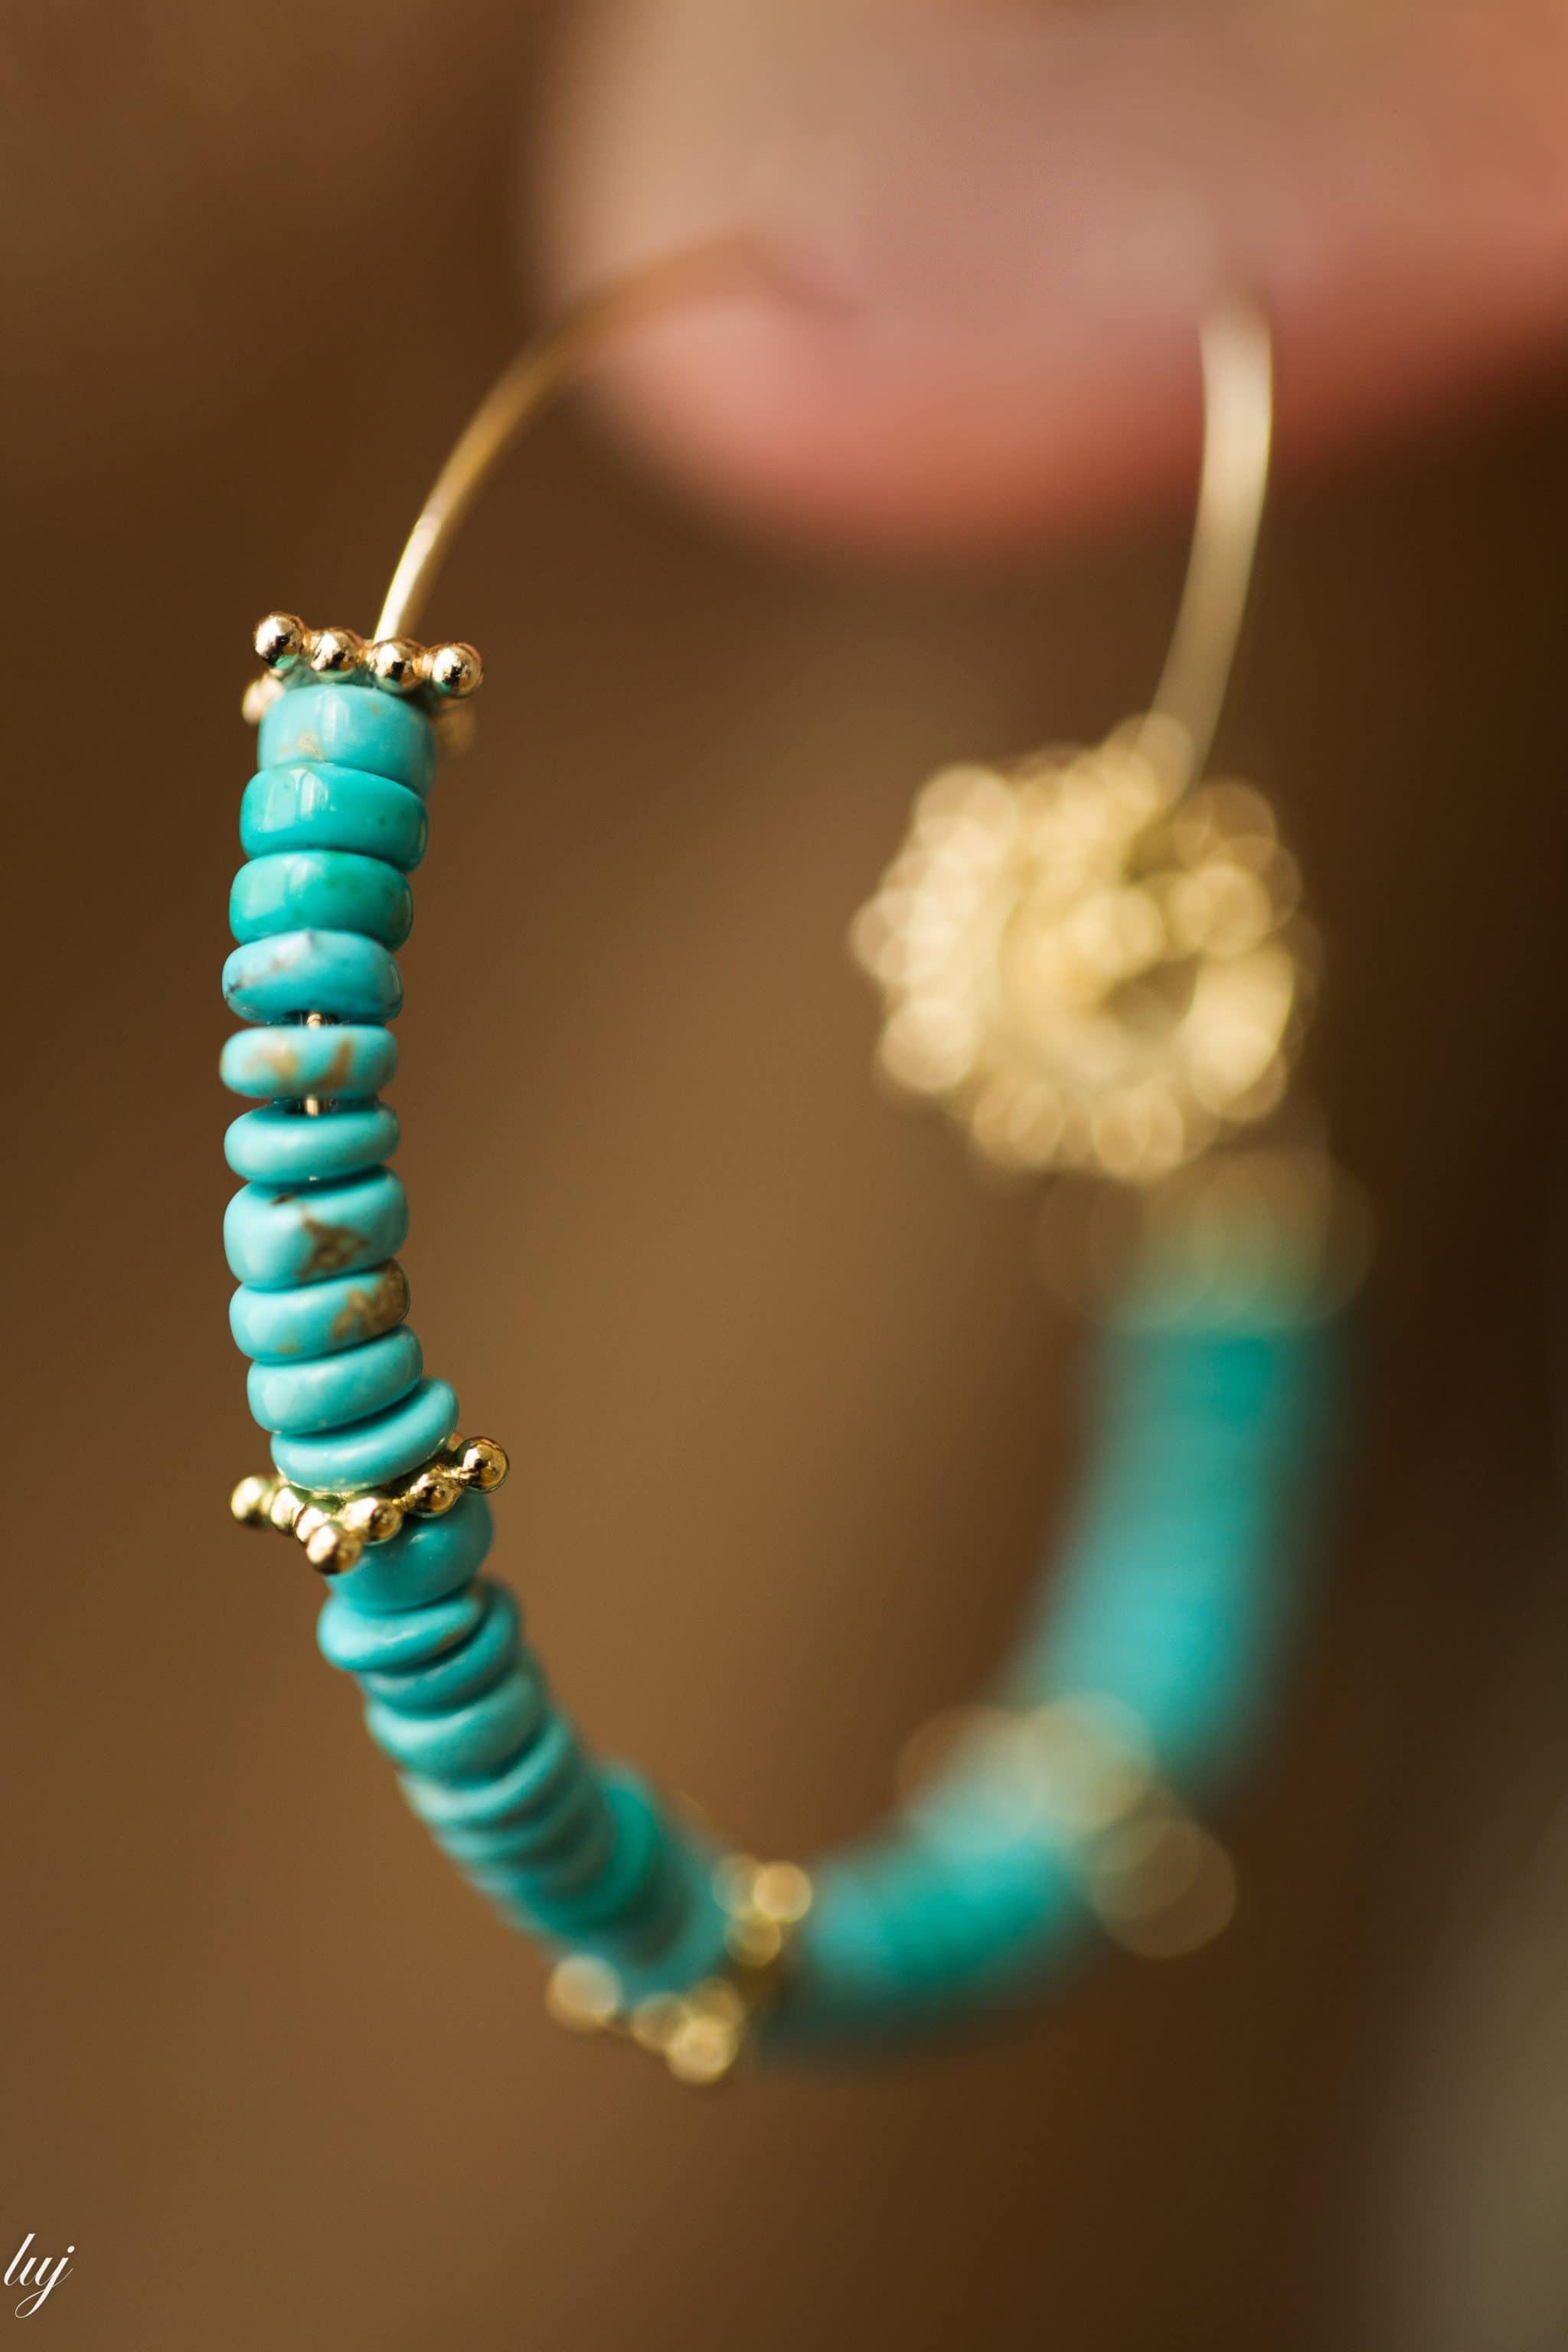 kelly-beaded-discs-turquoise-large-hoop-earrings-3